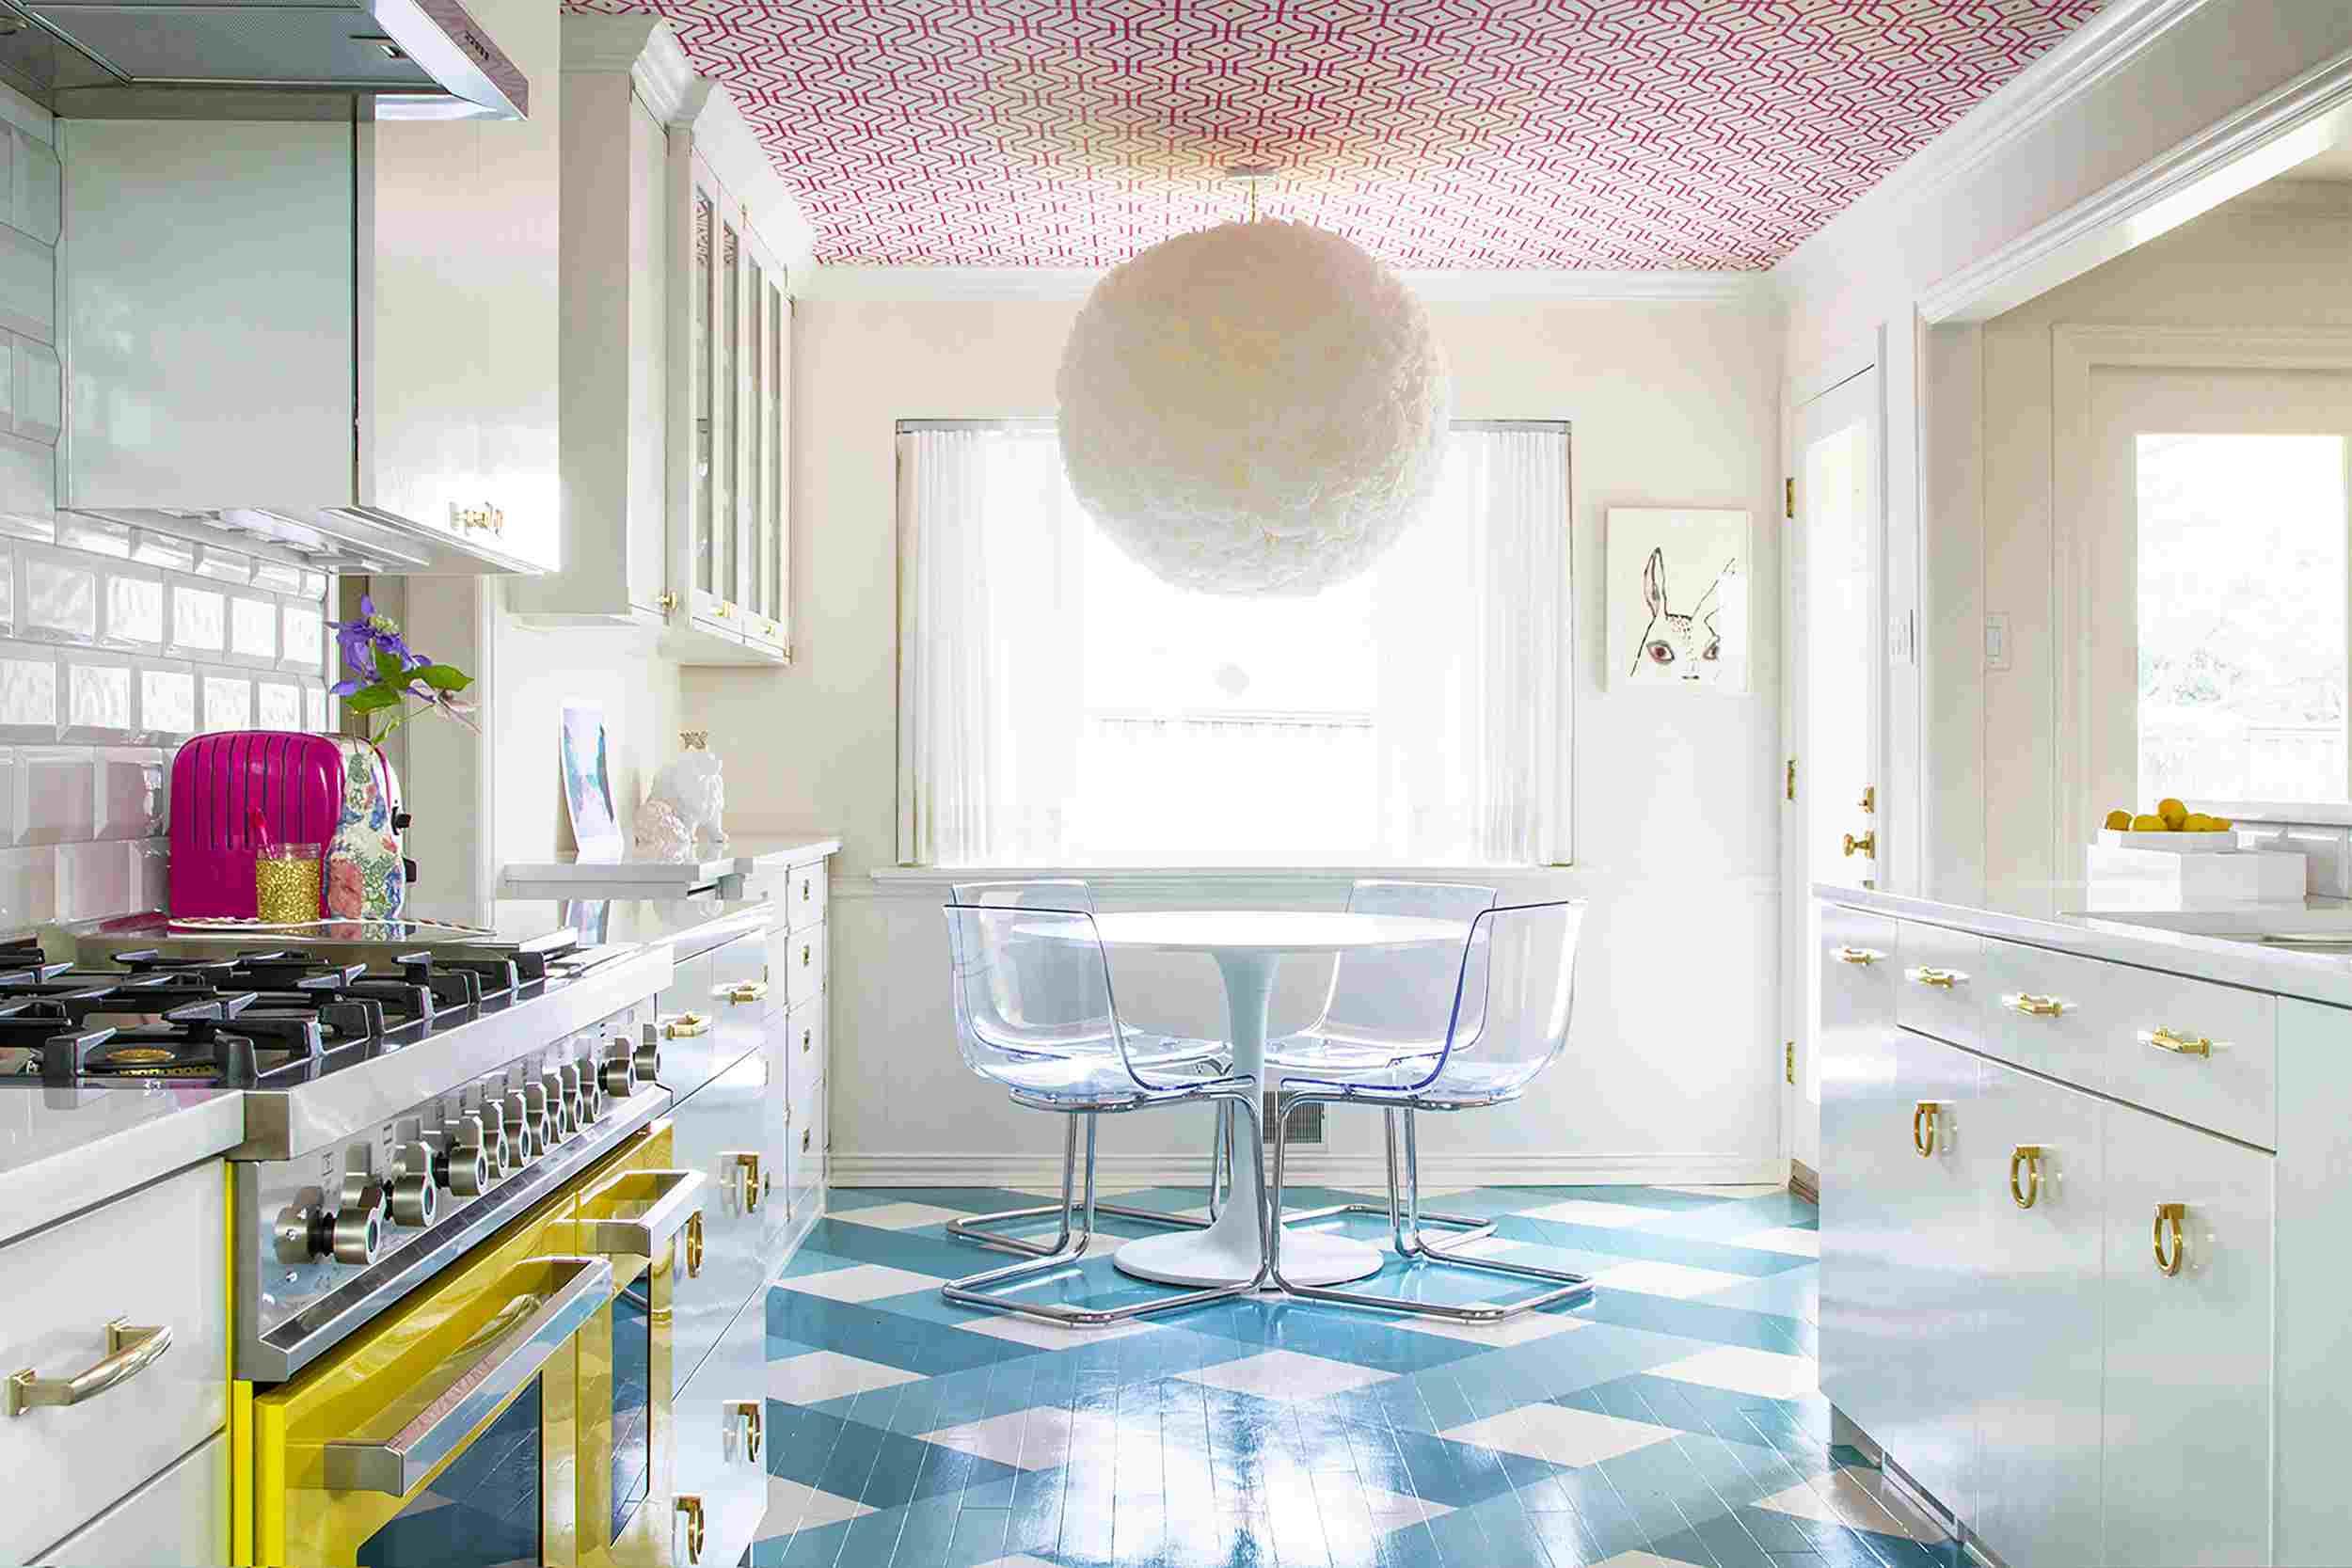 techo de papel tapiz en una cocina con azulejos y electrodomésticos vibrantes